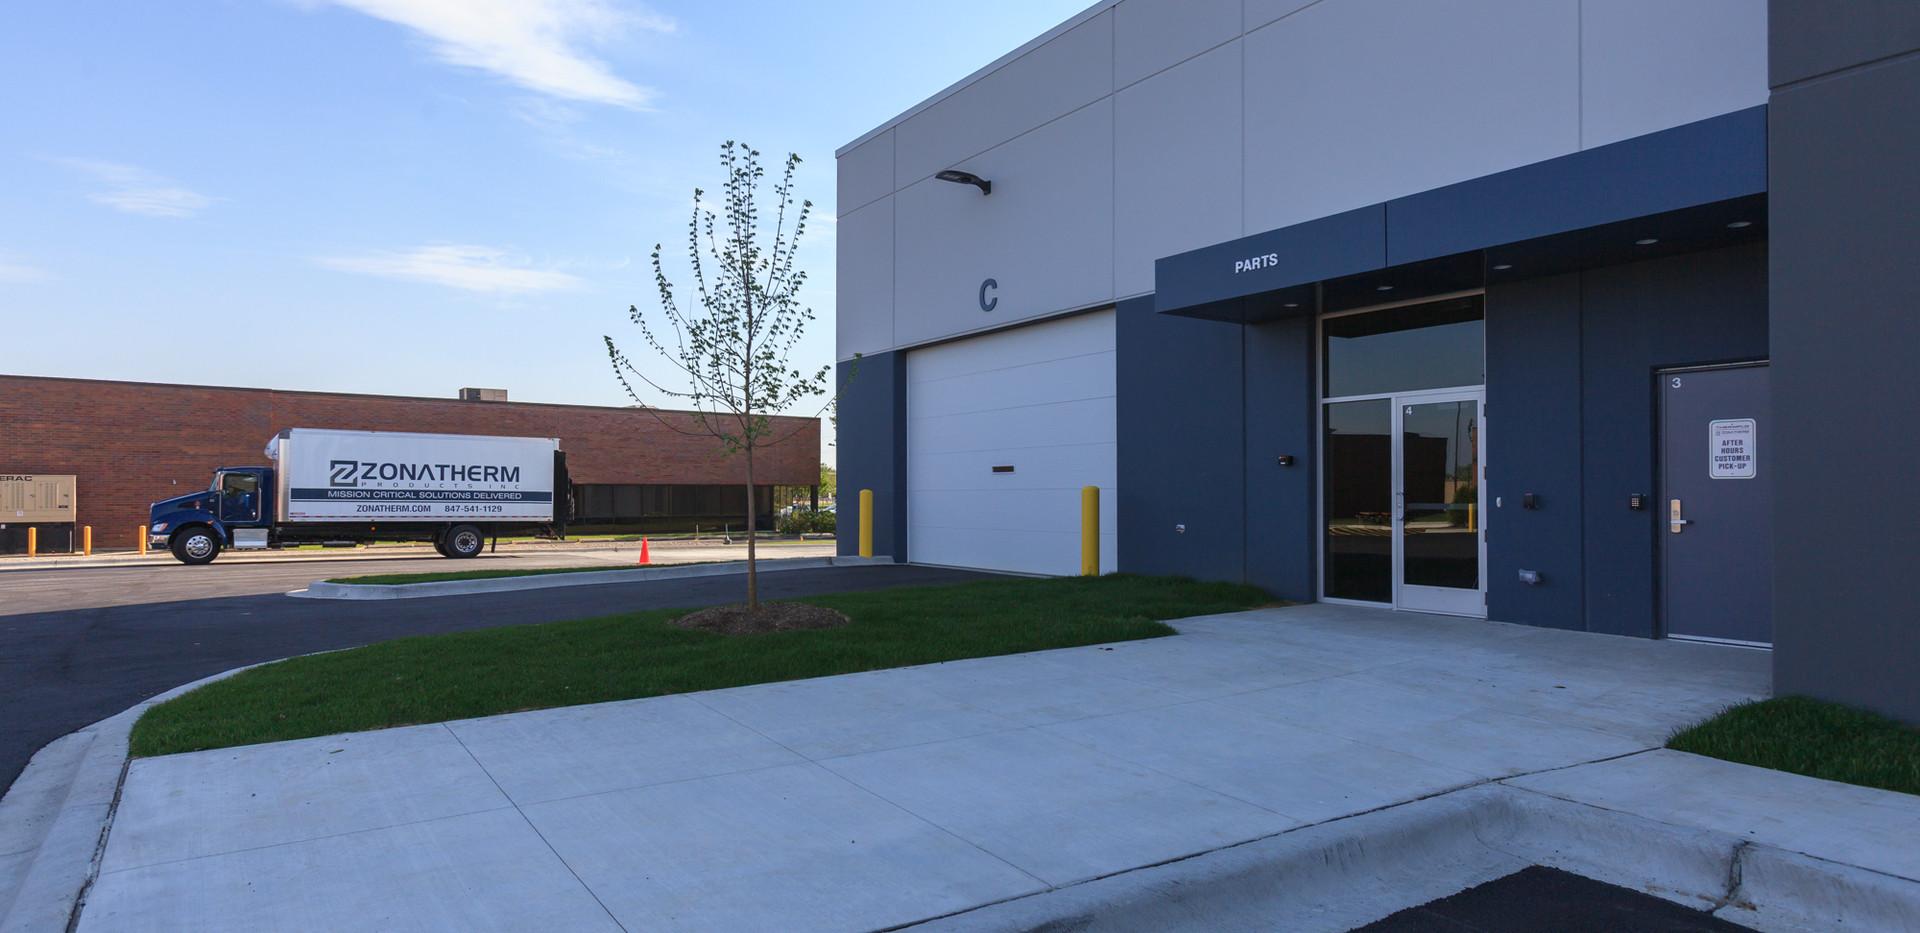 Parts Department Entrance